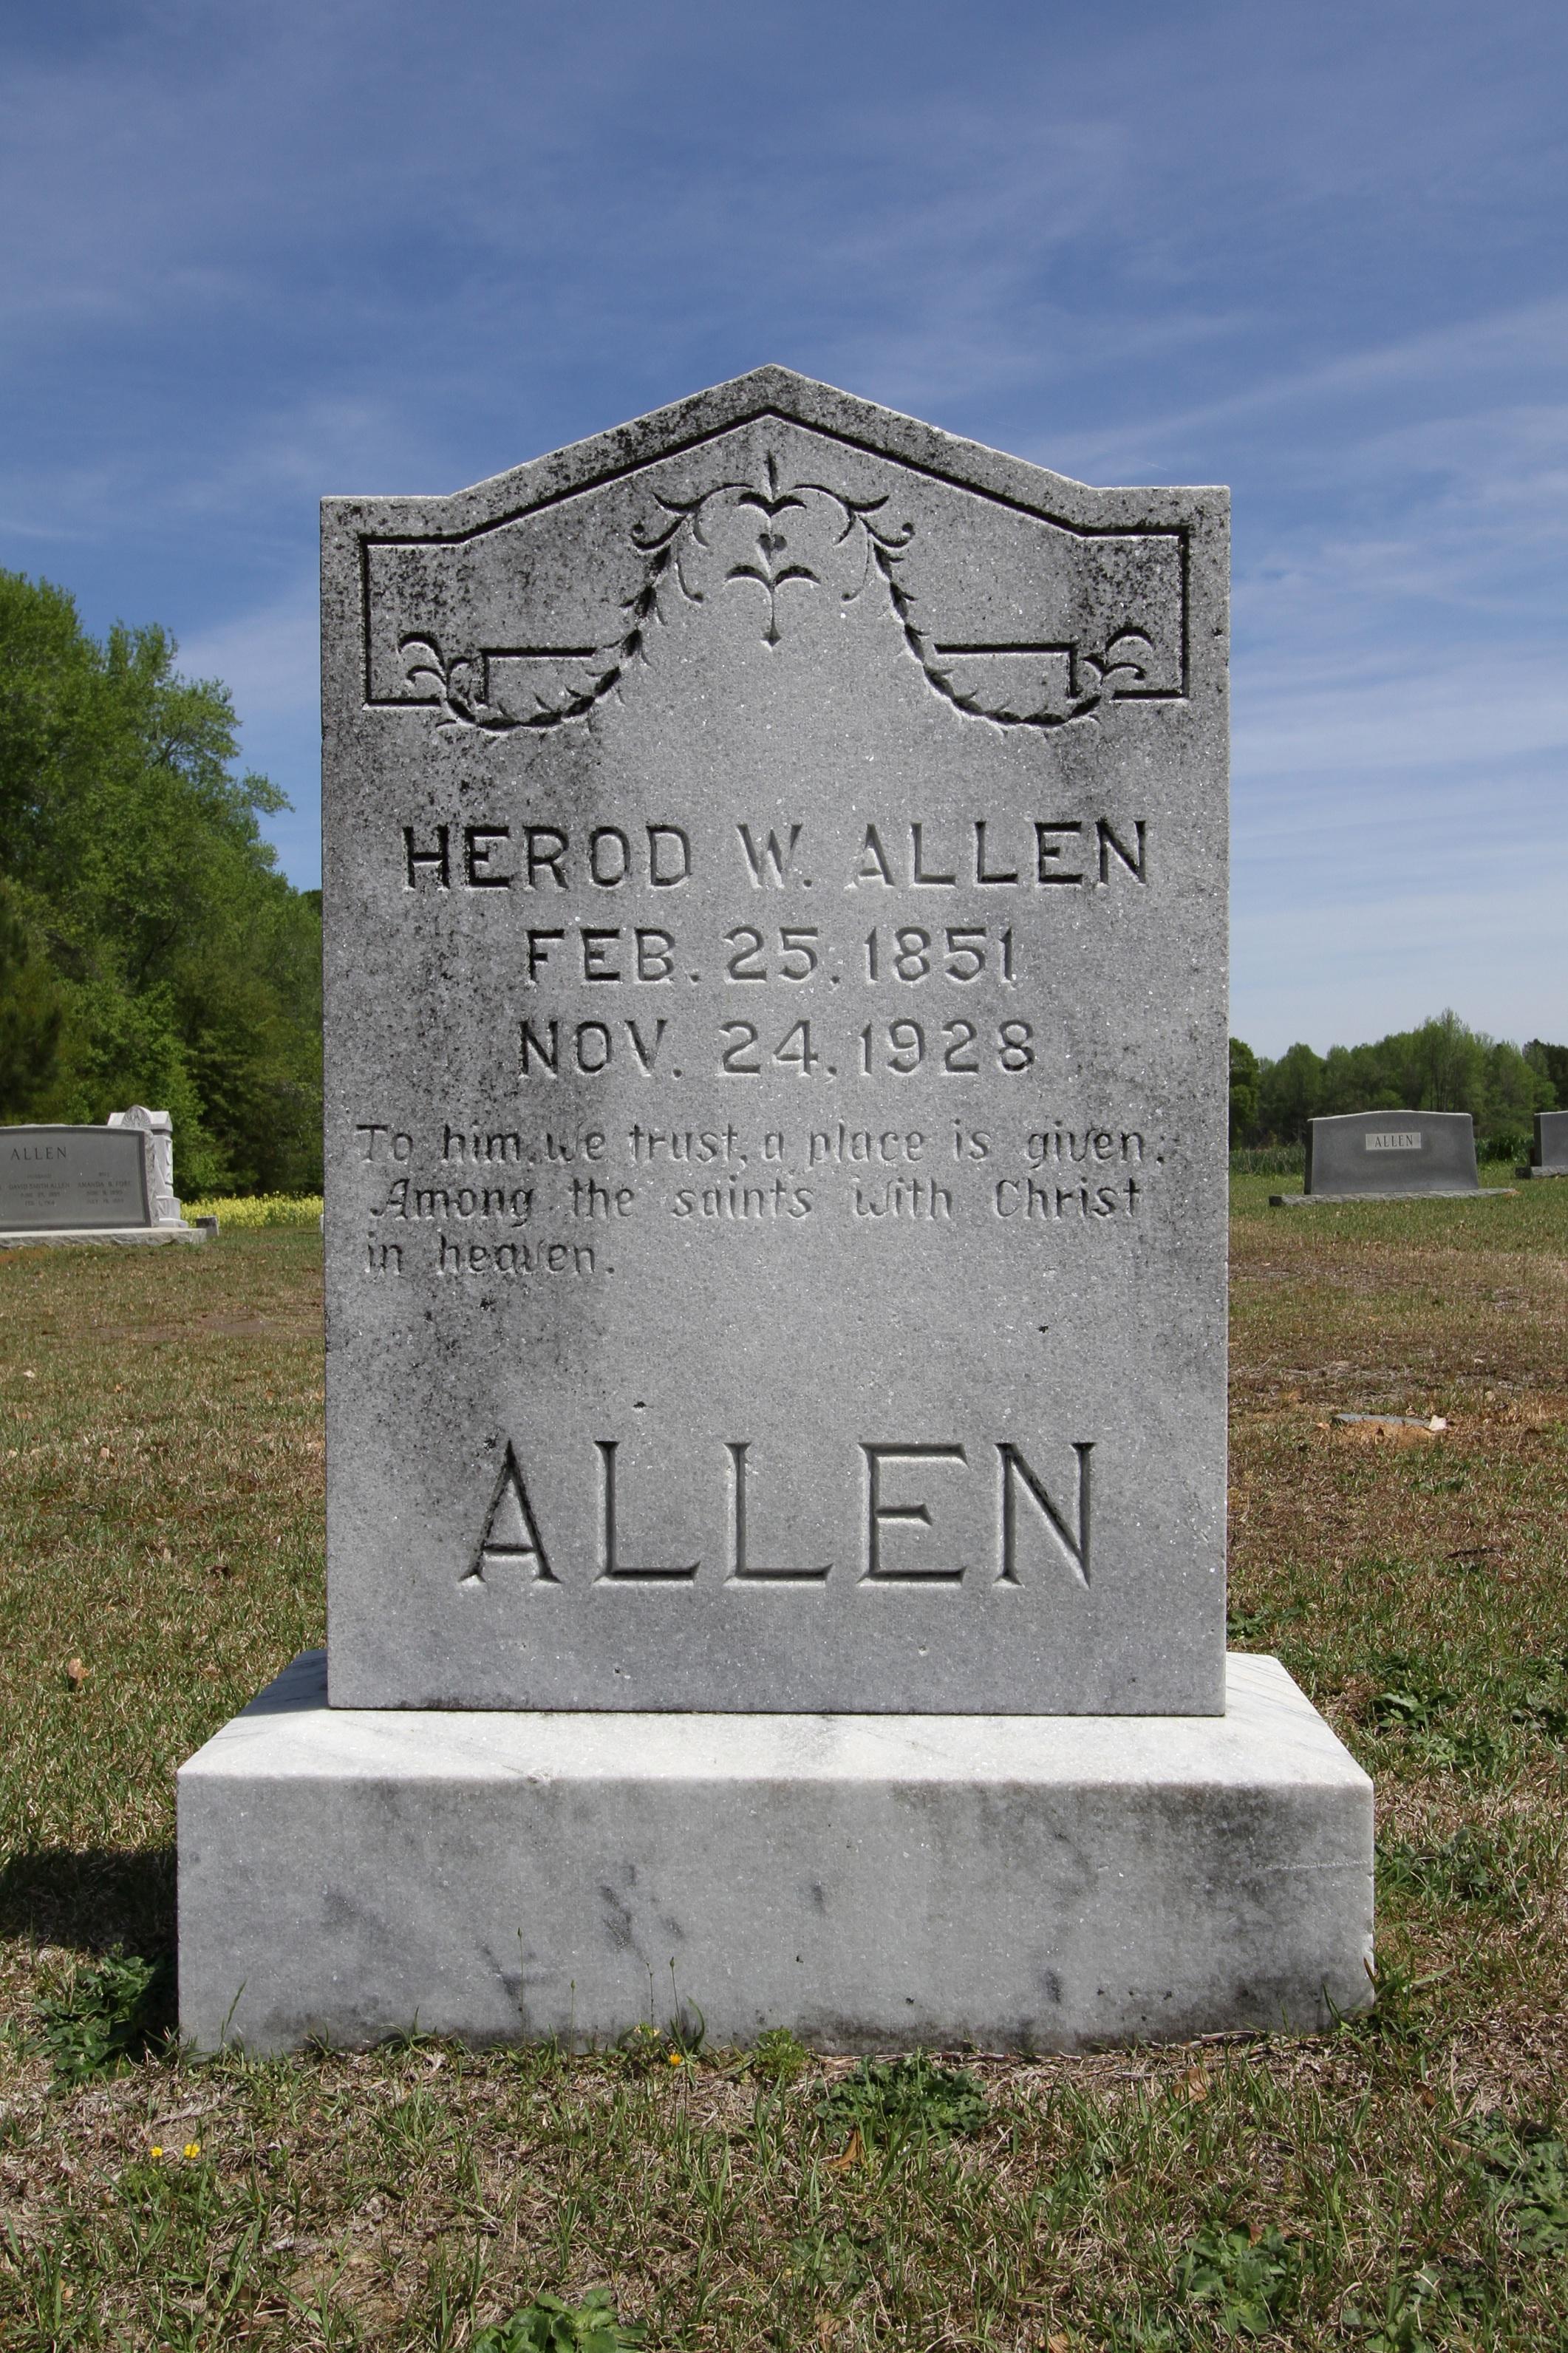 Herod W Allen